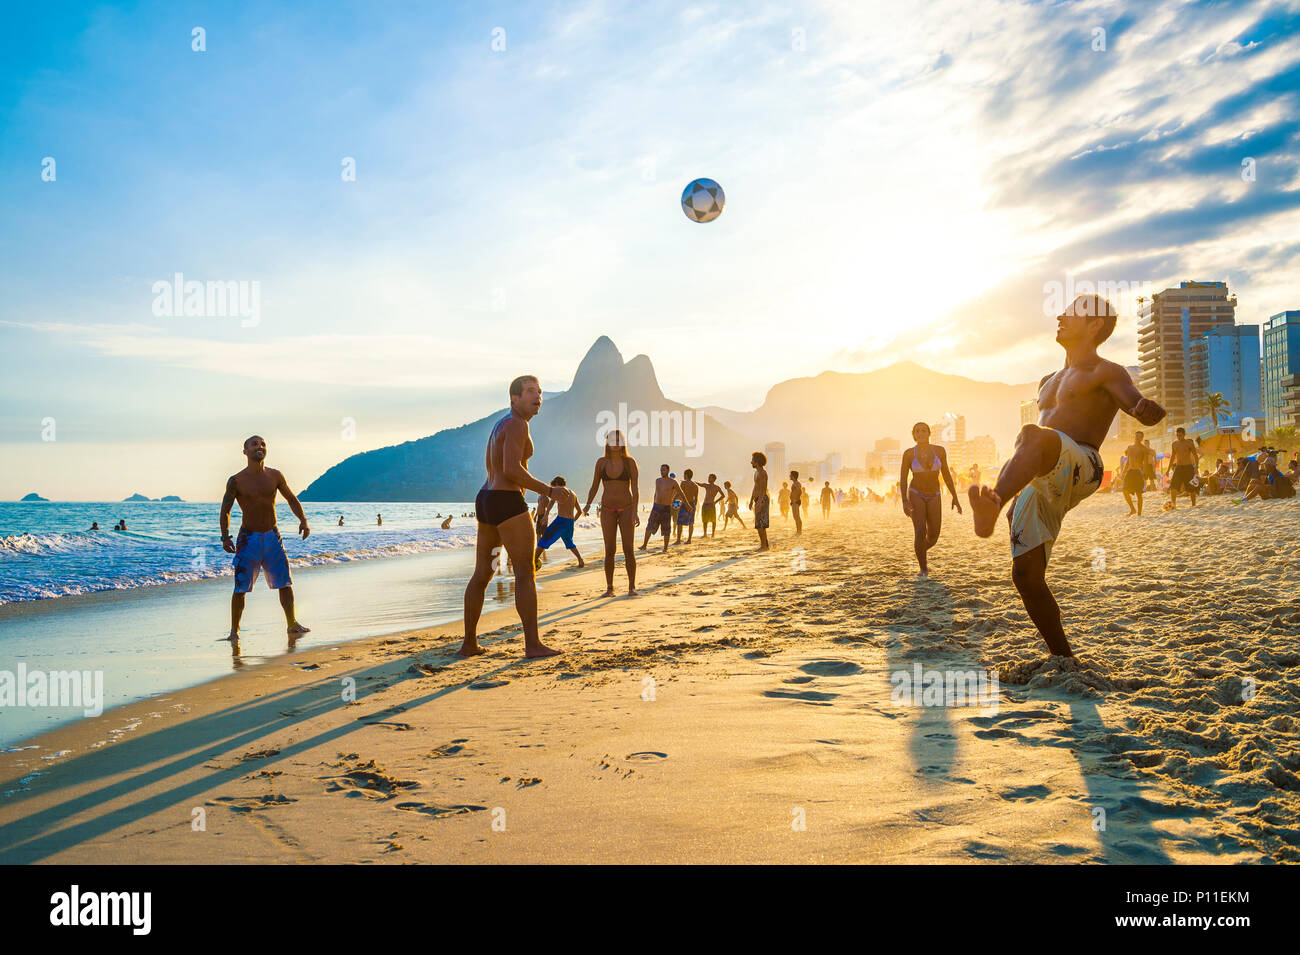 RIO DE JANEIRO - Abril 01, 2014: Grupos de jóvenes brasileños jugar keepy calidad mascota, o altinho, al atardecer a la orilla de la playa de Ipanema en Posto 9 Imagen De Stock